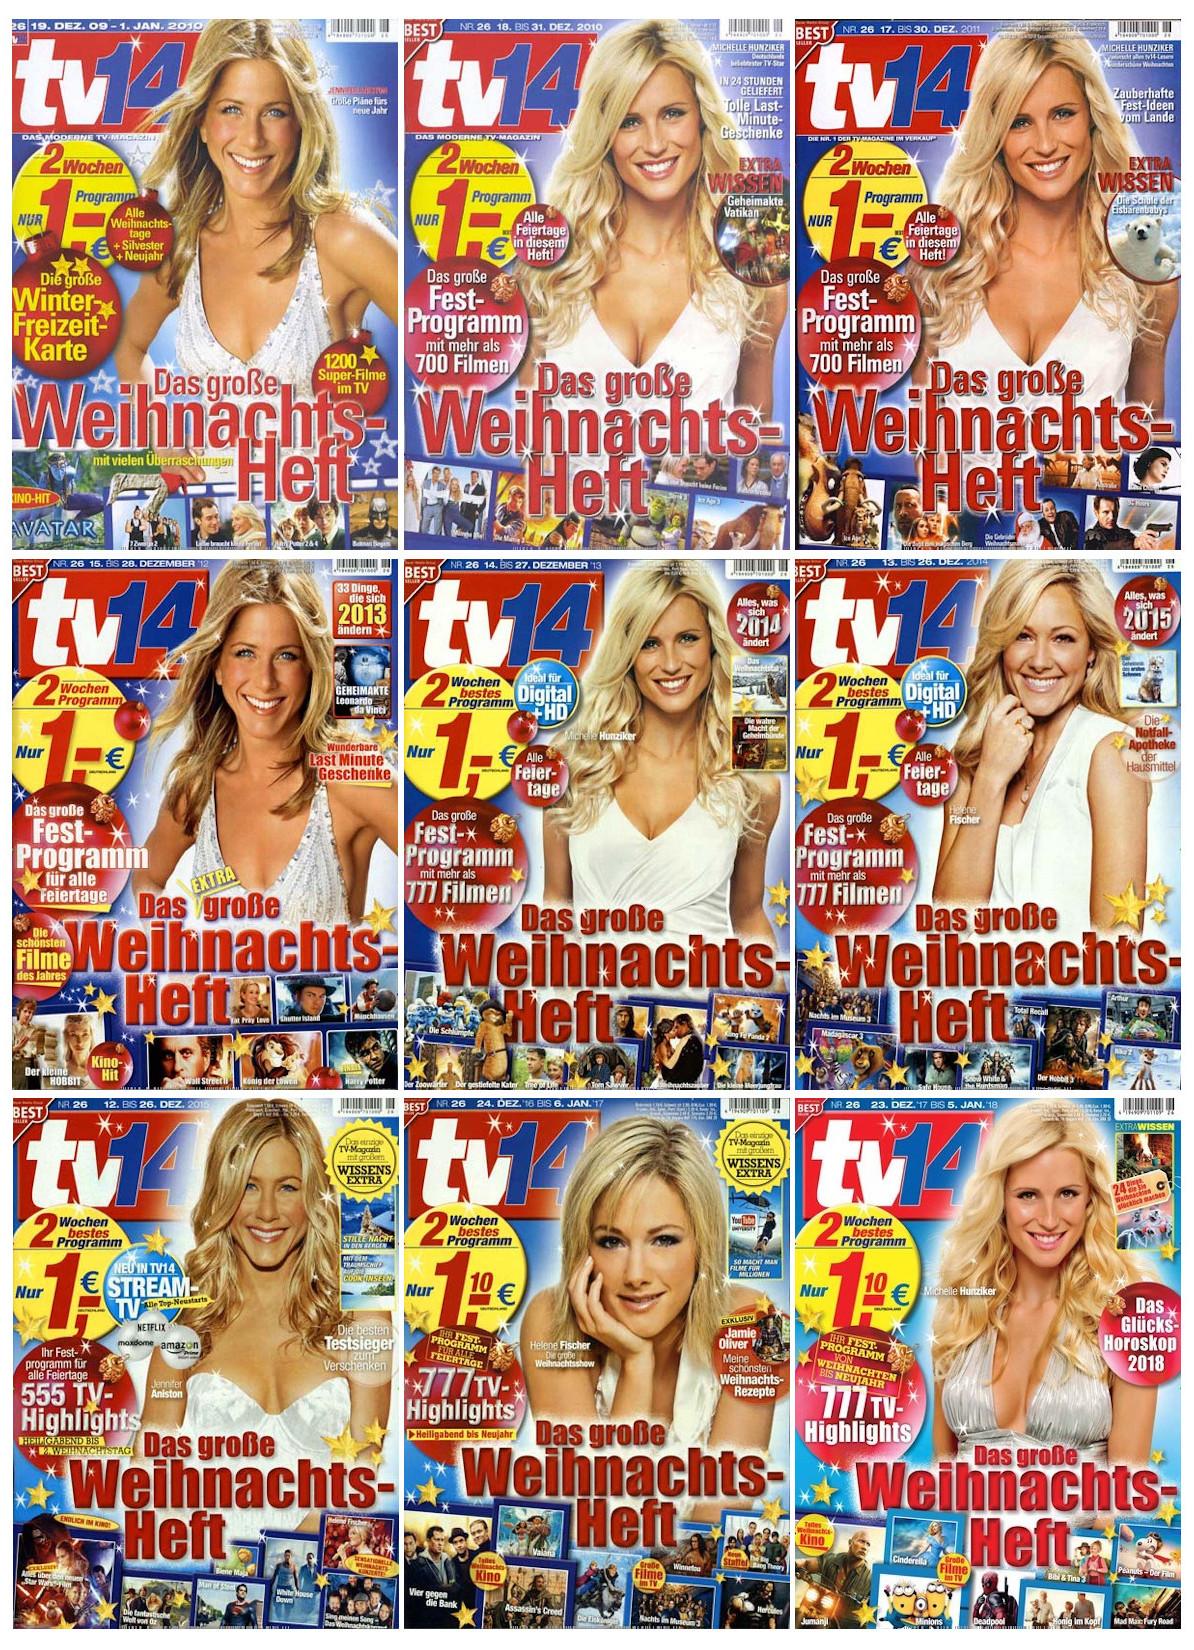 Neun Titelseiten mit jeweils blonden Frauen im weißen Kleid: anfangs abwechselnd Michelle Hunziker und Jennifer Aniston, später auch Helene Fischer.